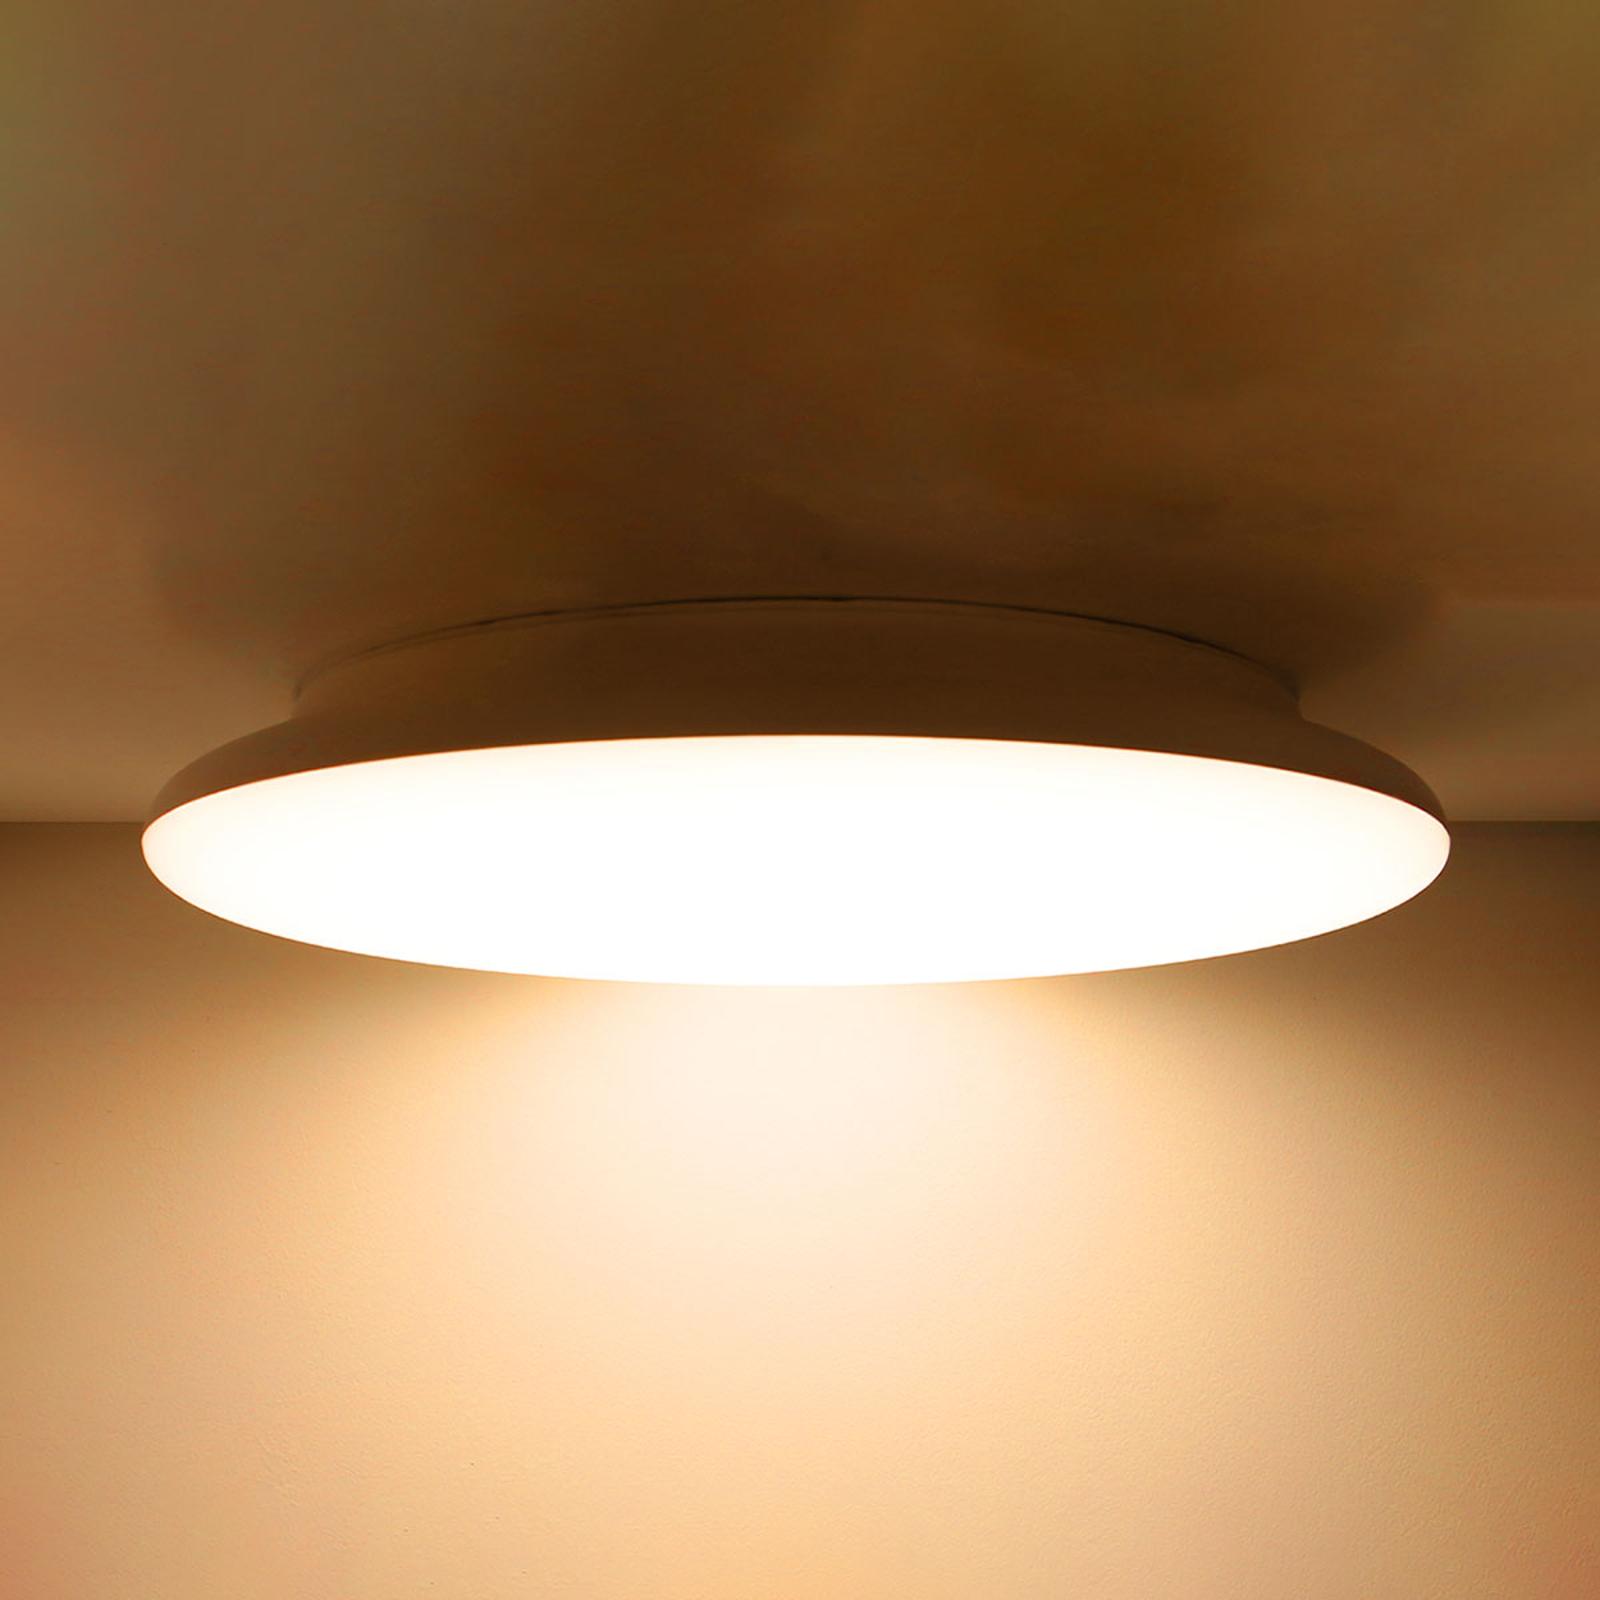 SLC lampa sufitowa LED IP54 Ø 25 cm 2700K